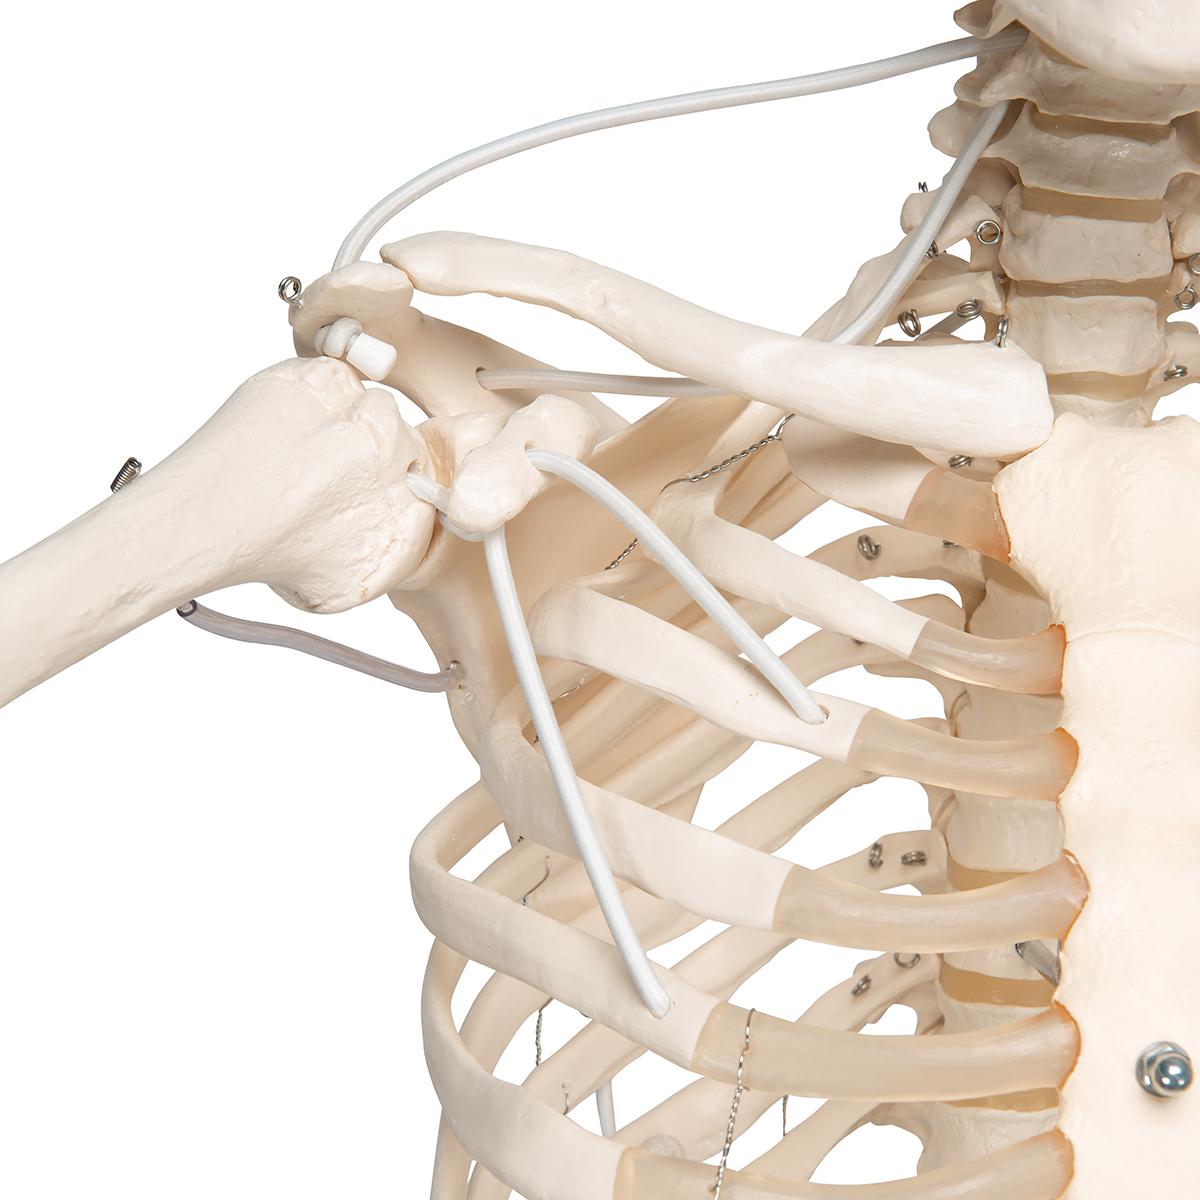 Skelett Feldi A15/3S, das funktionelle Skelett an Metallhängestativ ...